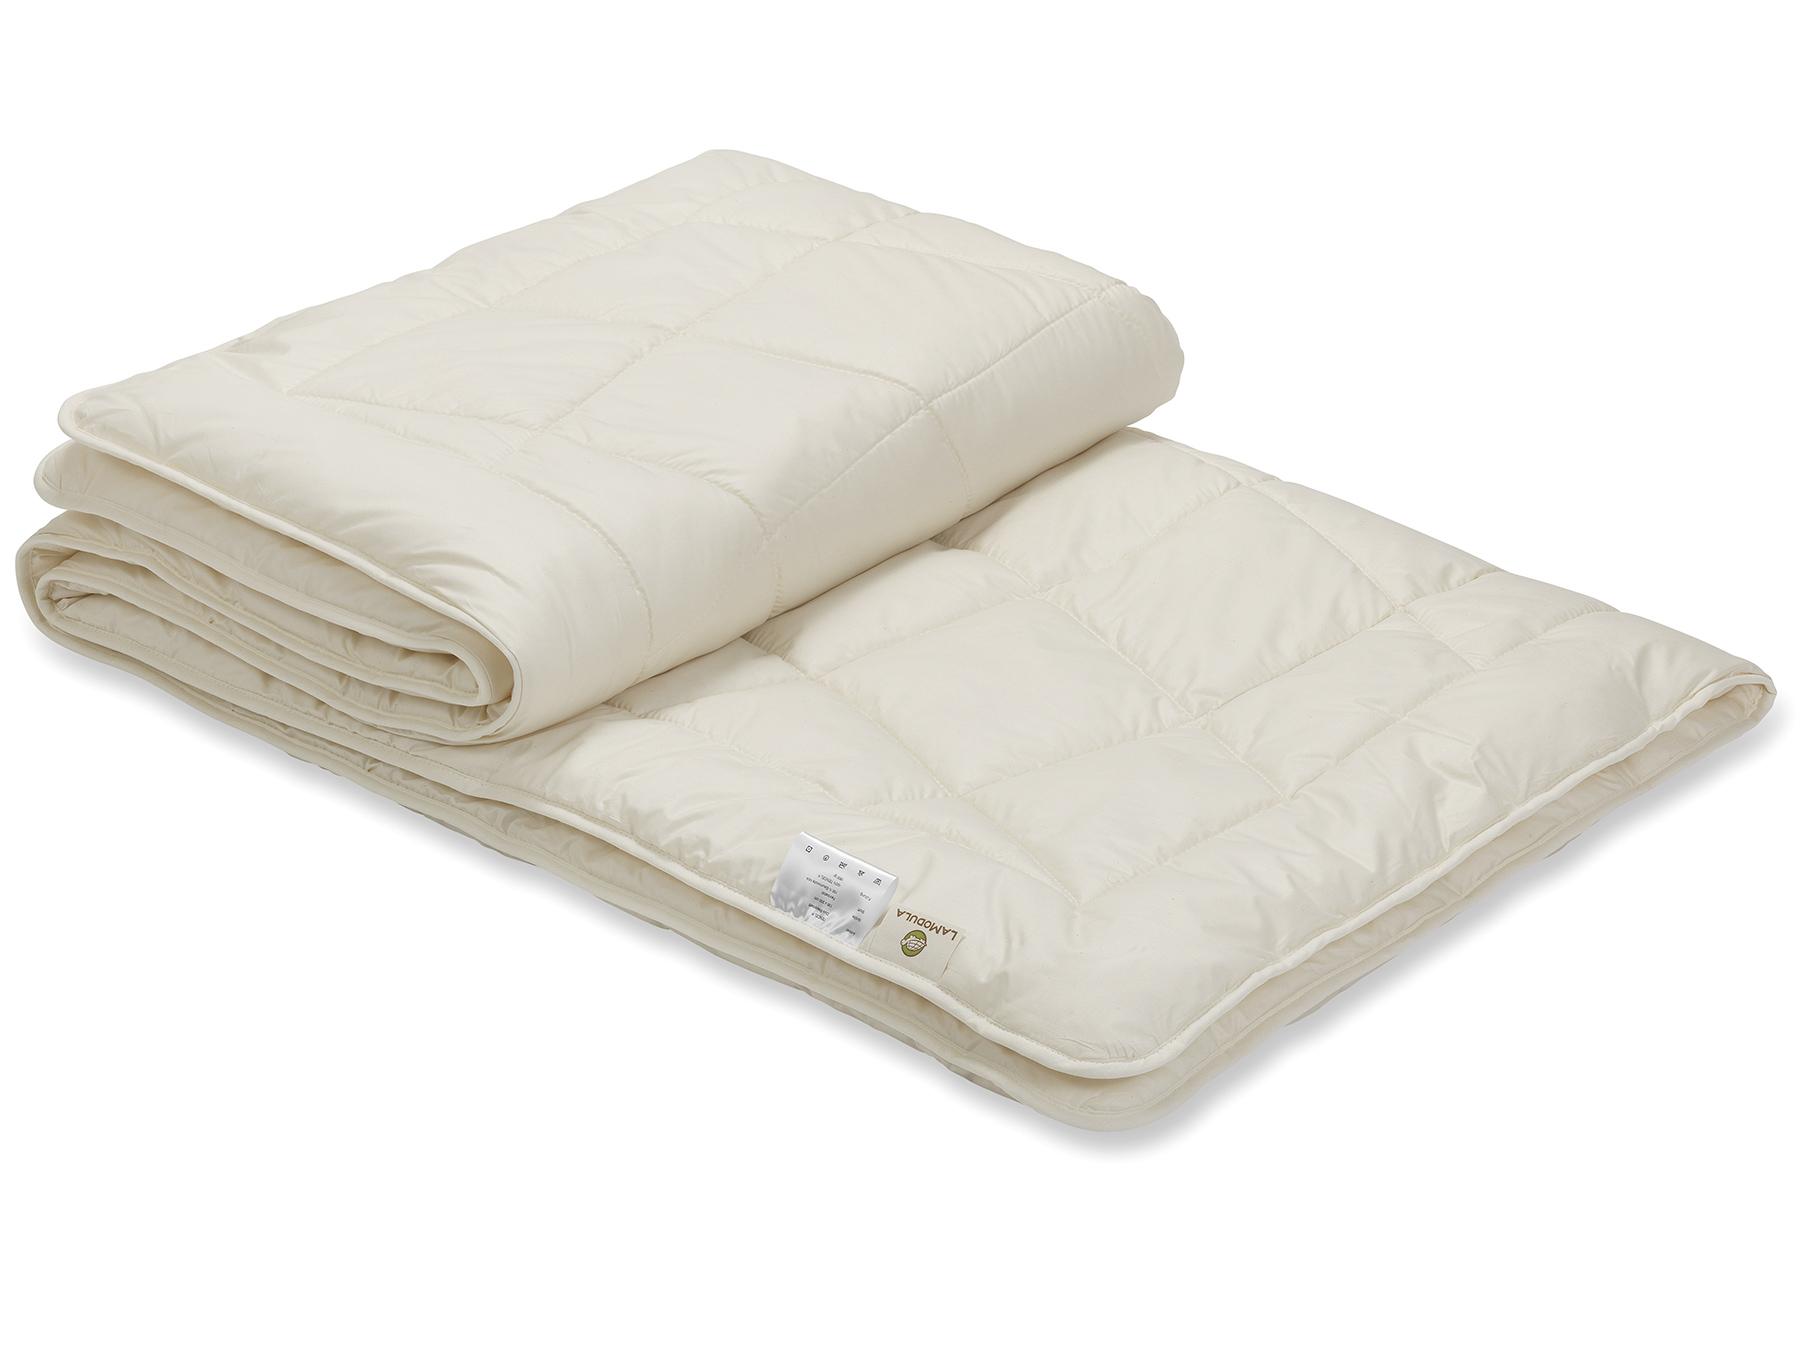 Füllung aus 100 % TENCEL™ Faser, Bezug aus Bio-Baumwolle (kbA), Stoff: Feinbatist höchster Qualität